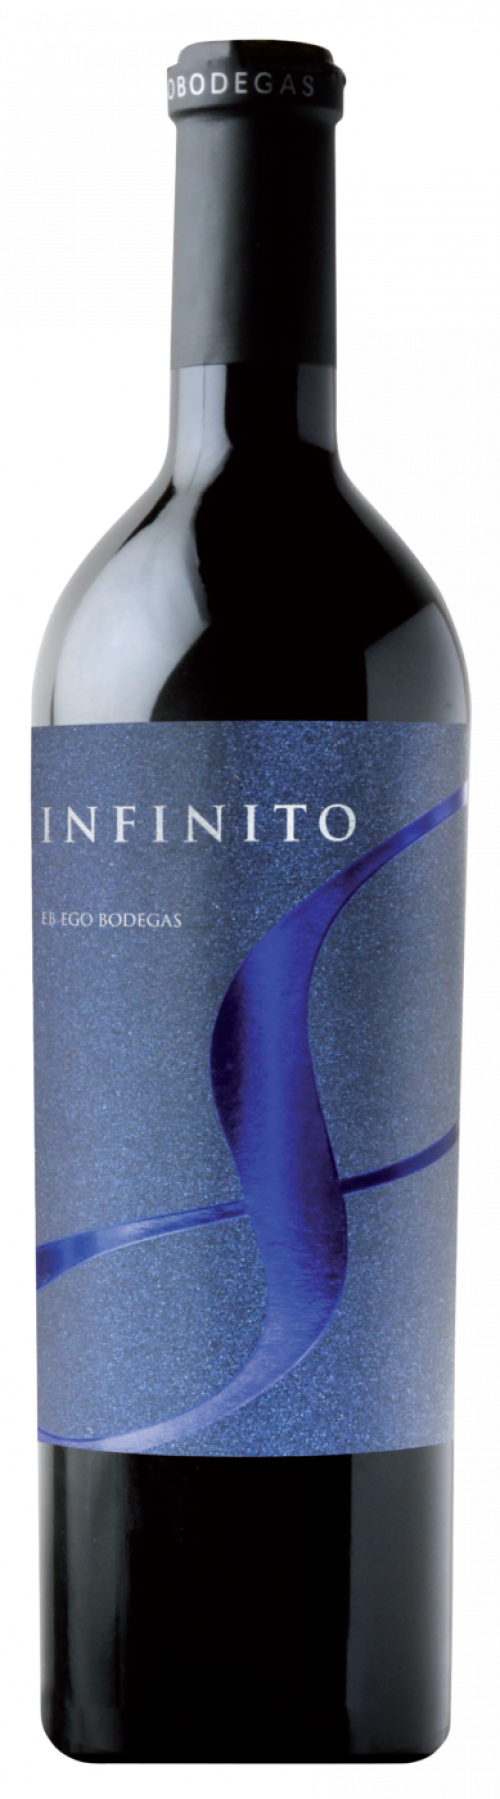 Ego Bodegas Infinito 750ml